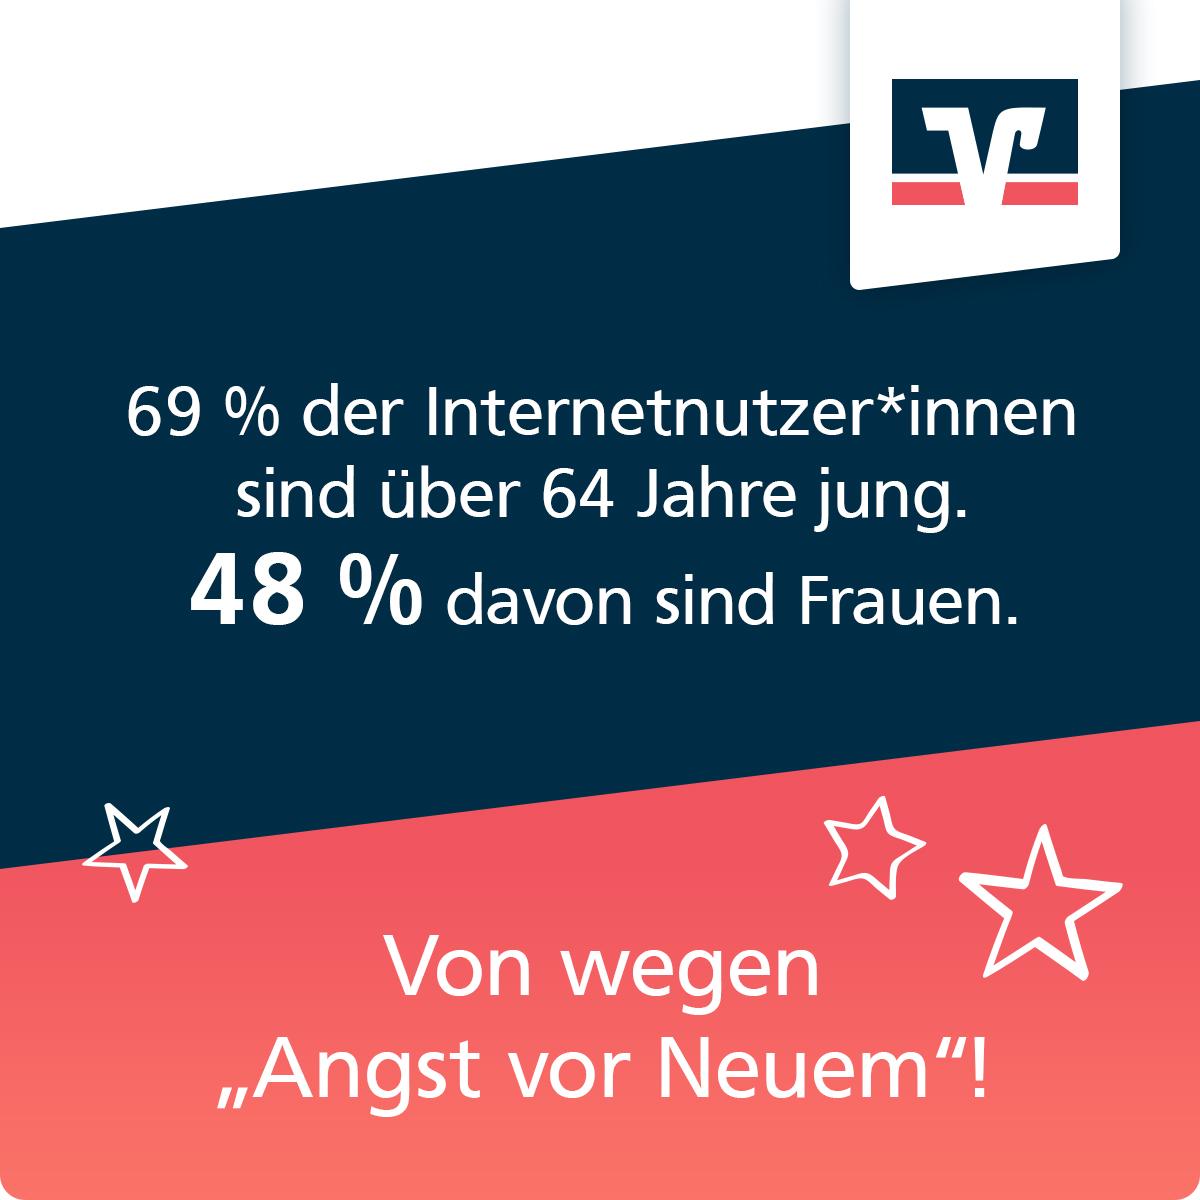 """Zukunftsplanerin-Kachel """"Silver Surfer"""":69% der Internetnutzer*innen sind über 64 Jahre jung. 48% davon sind Frauen. Von wegen """"Angst vor Neuem""""!"""